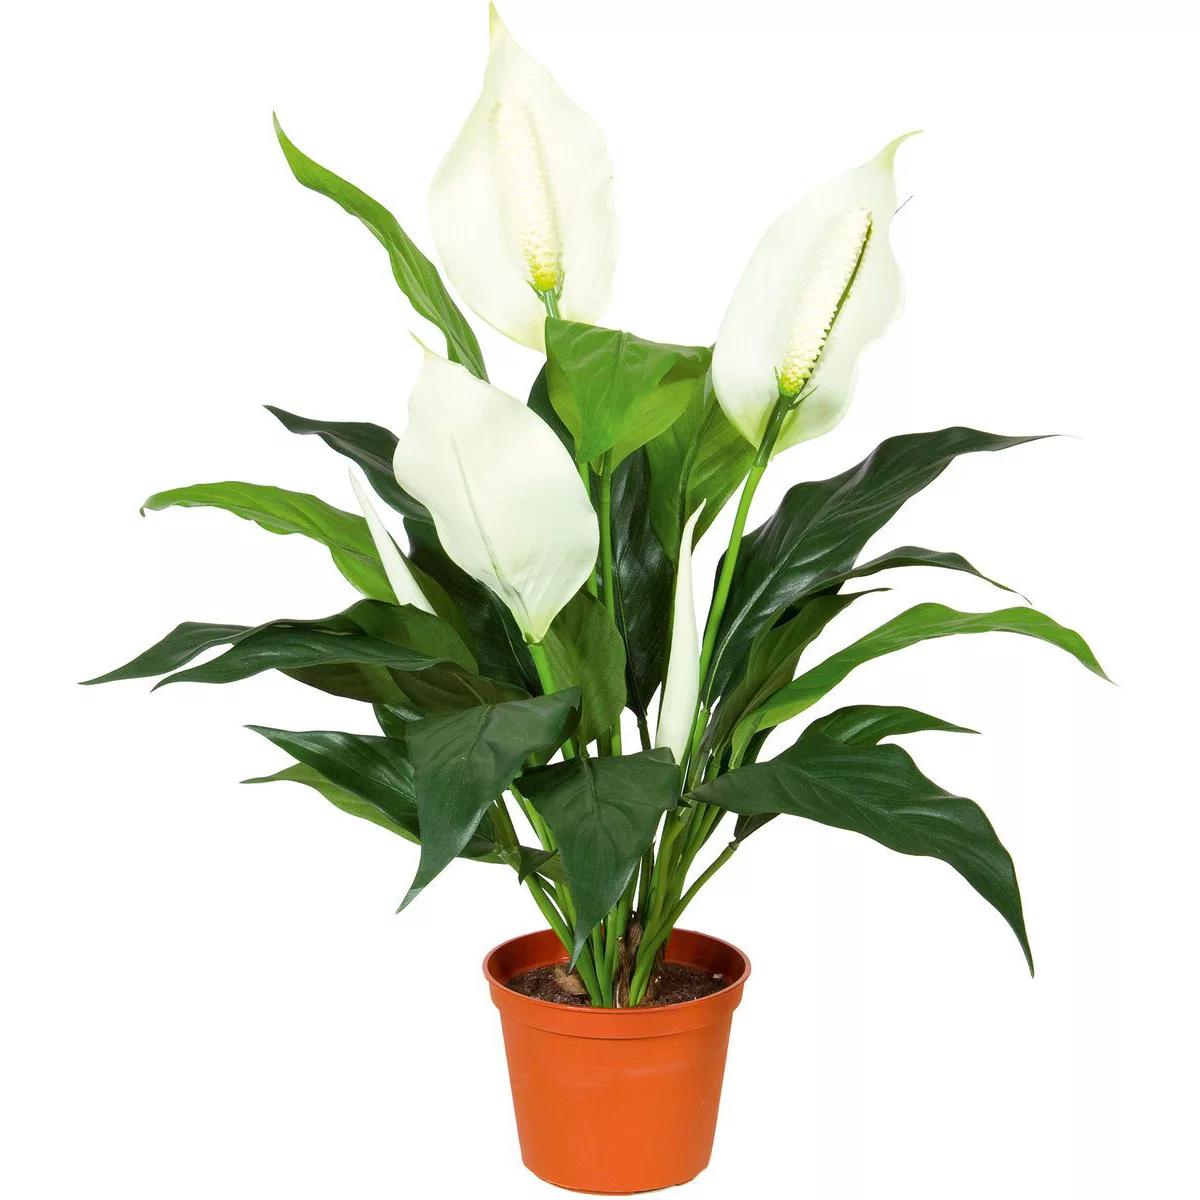 Цветок спатифиллум картинка